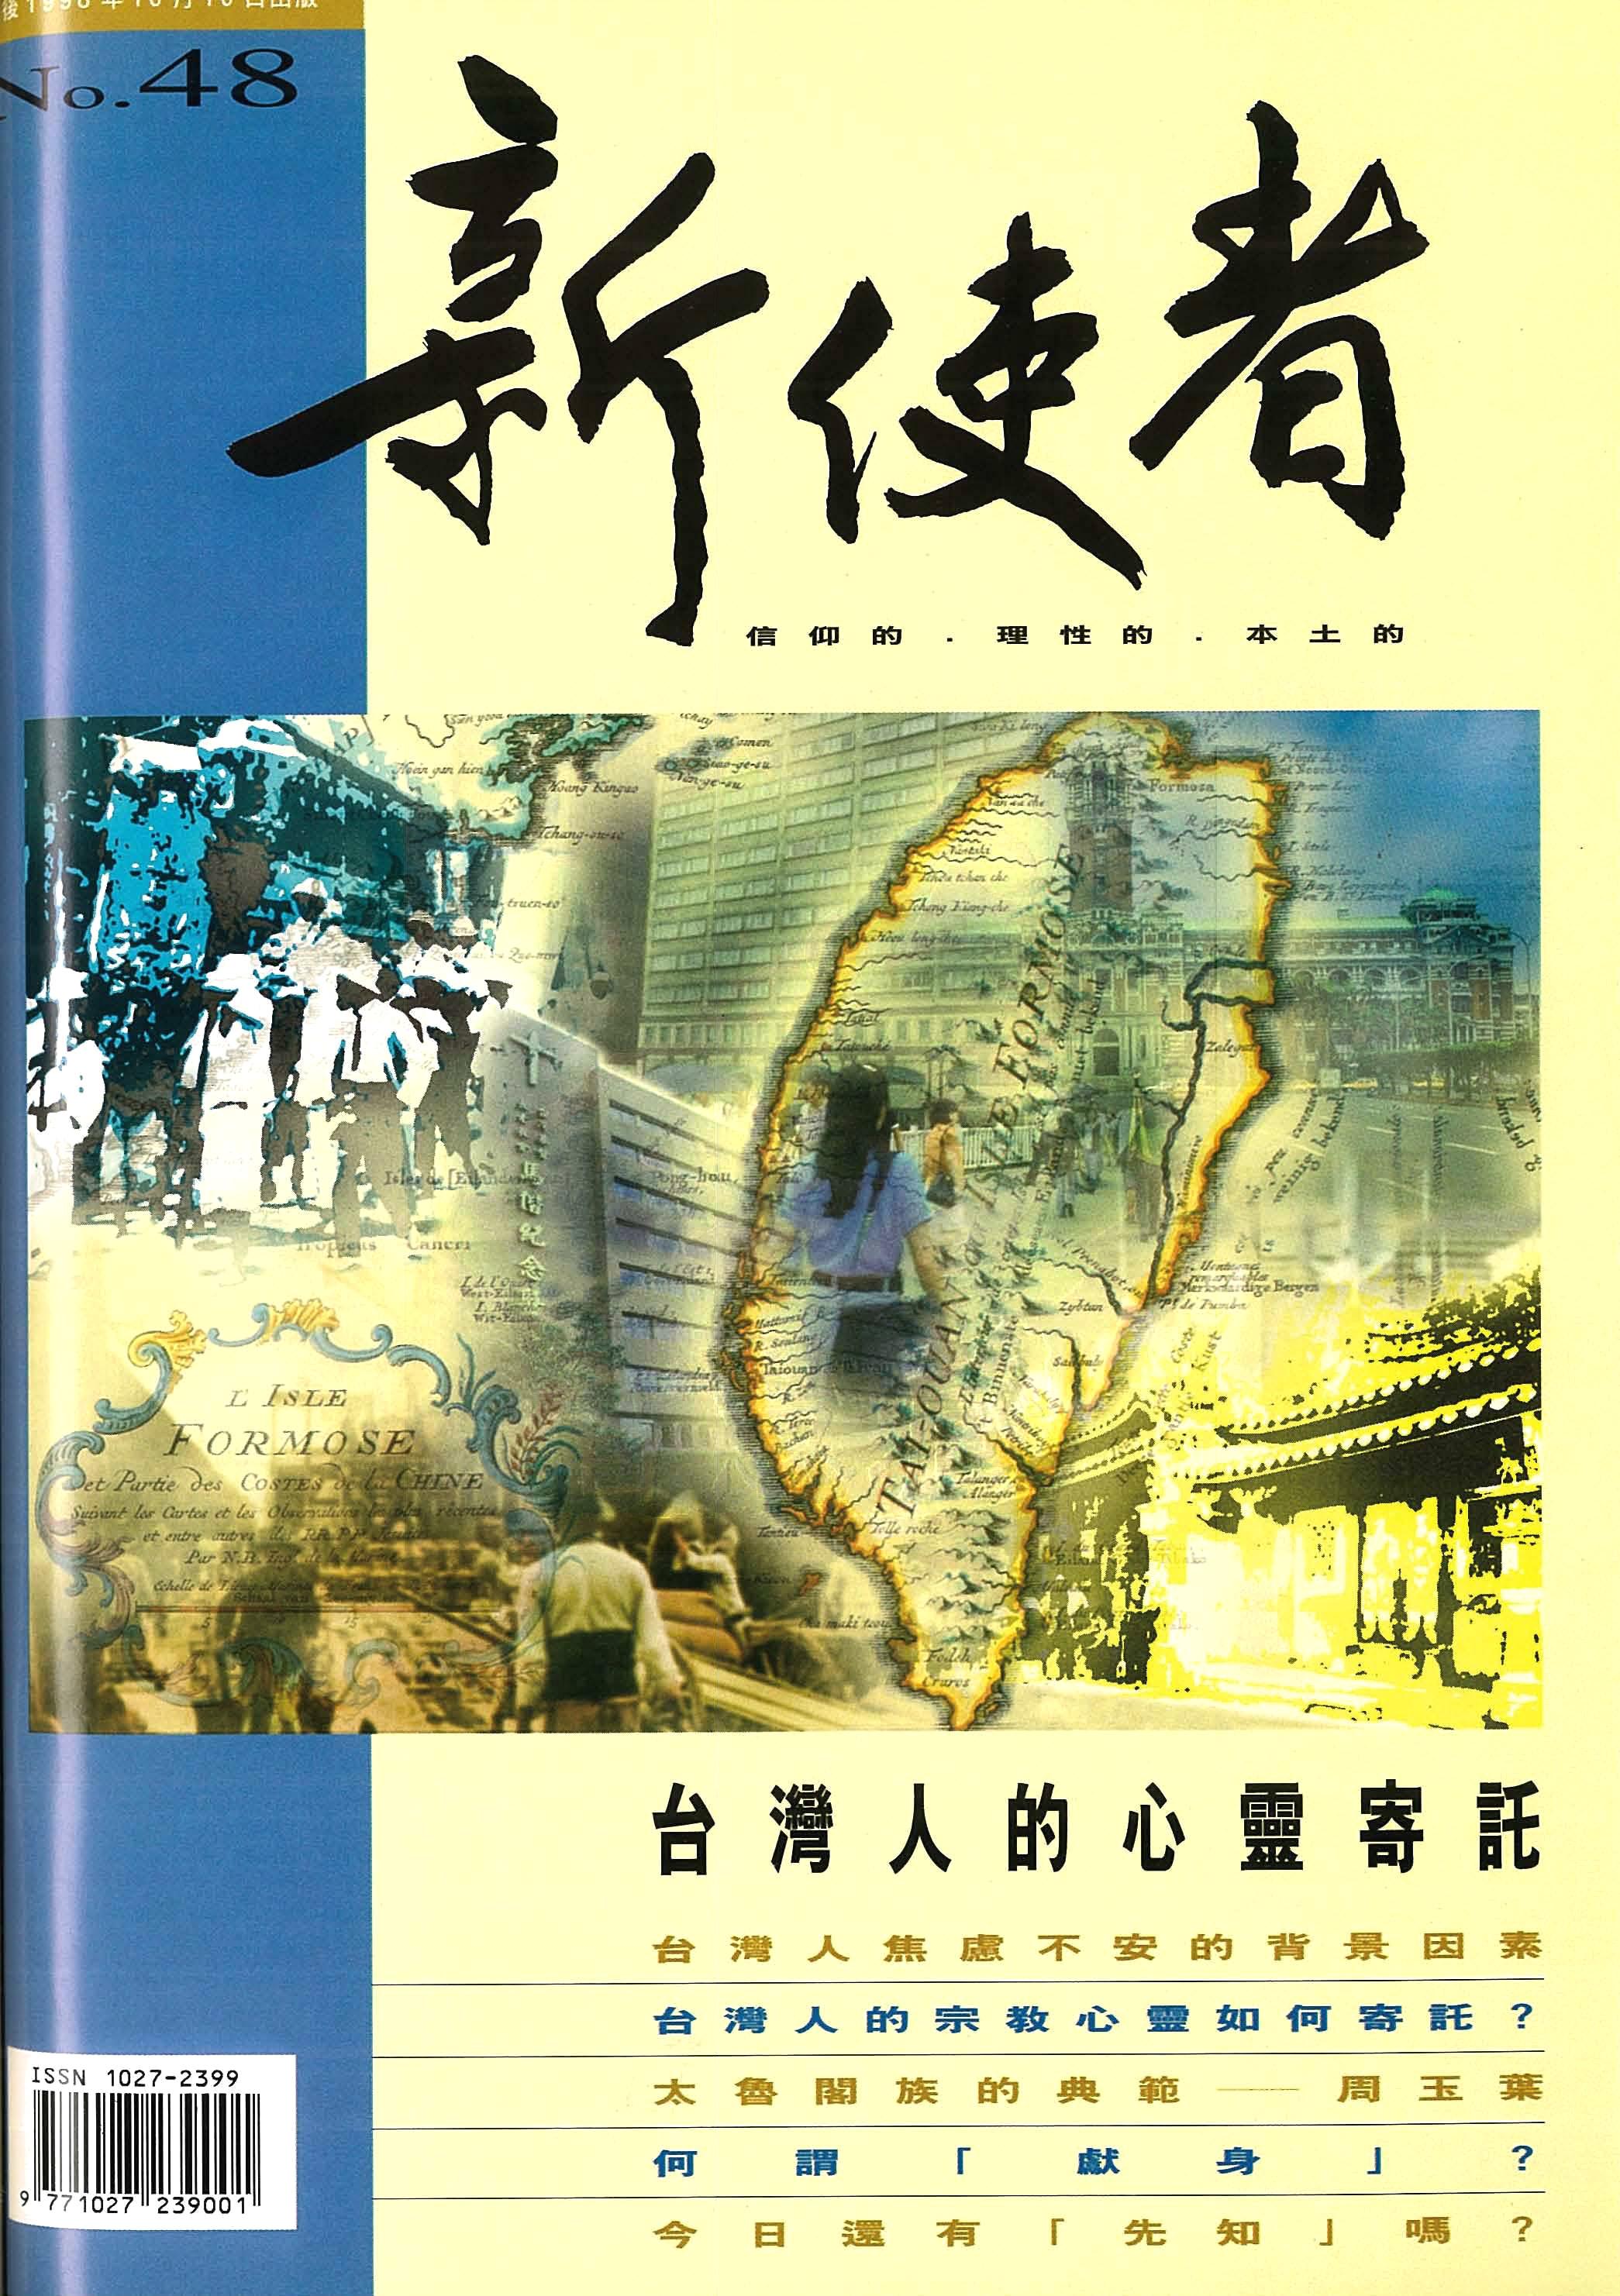 新使者雜誌 The New Messenger  48期  1998年  10月 台灣人的心靈寄託